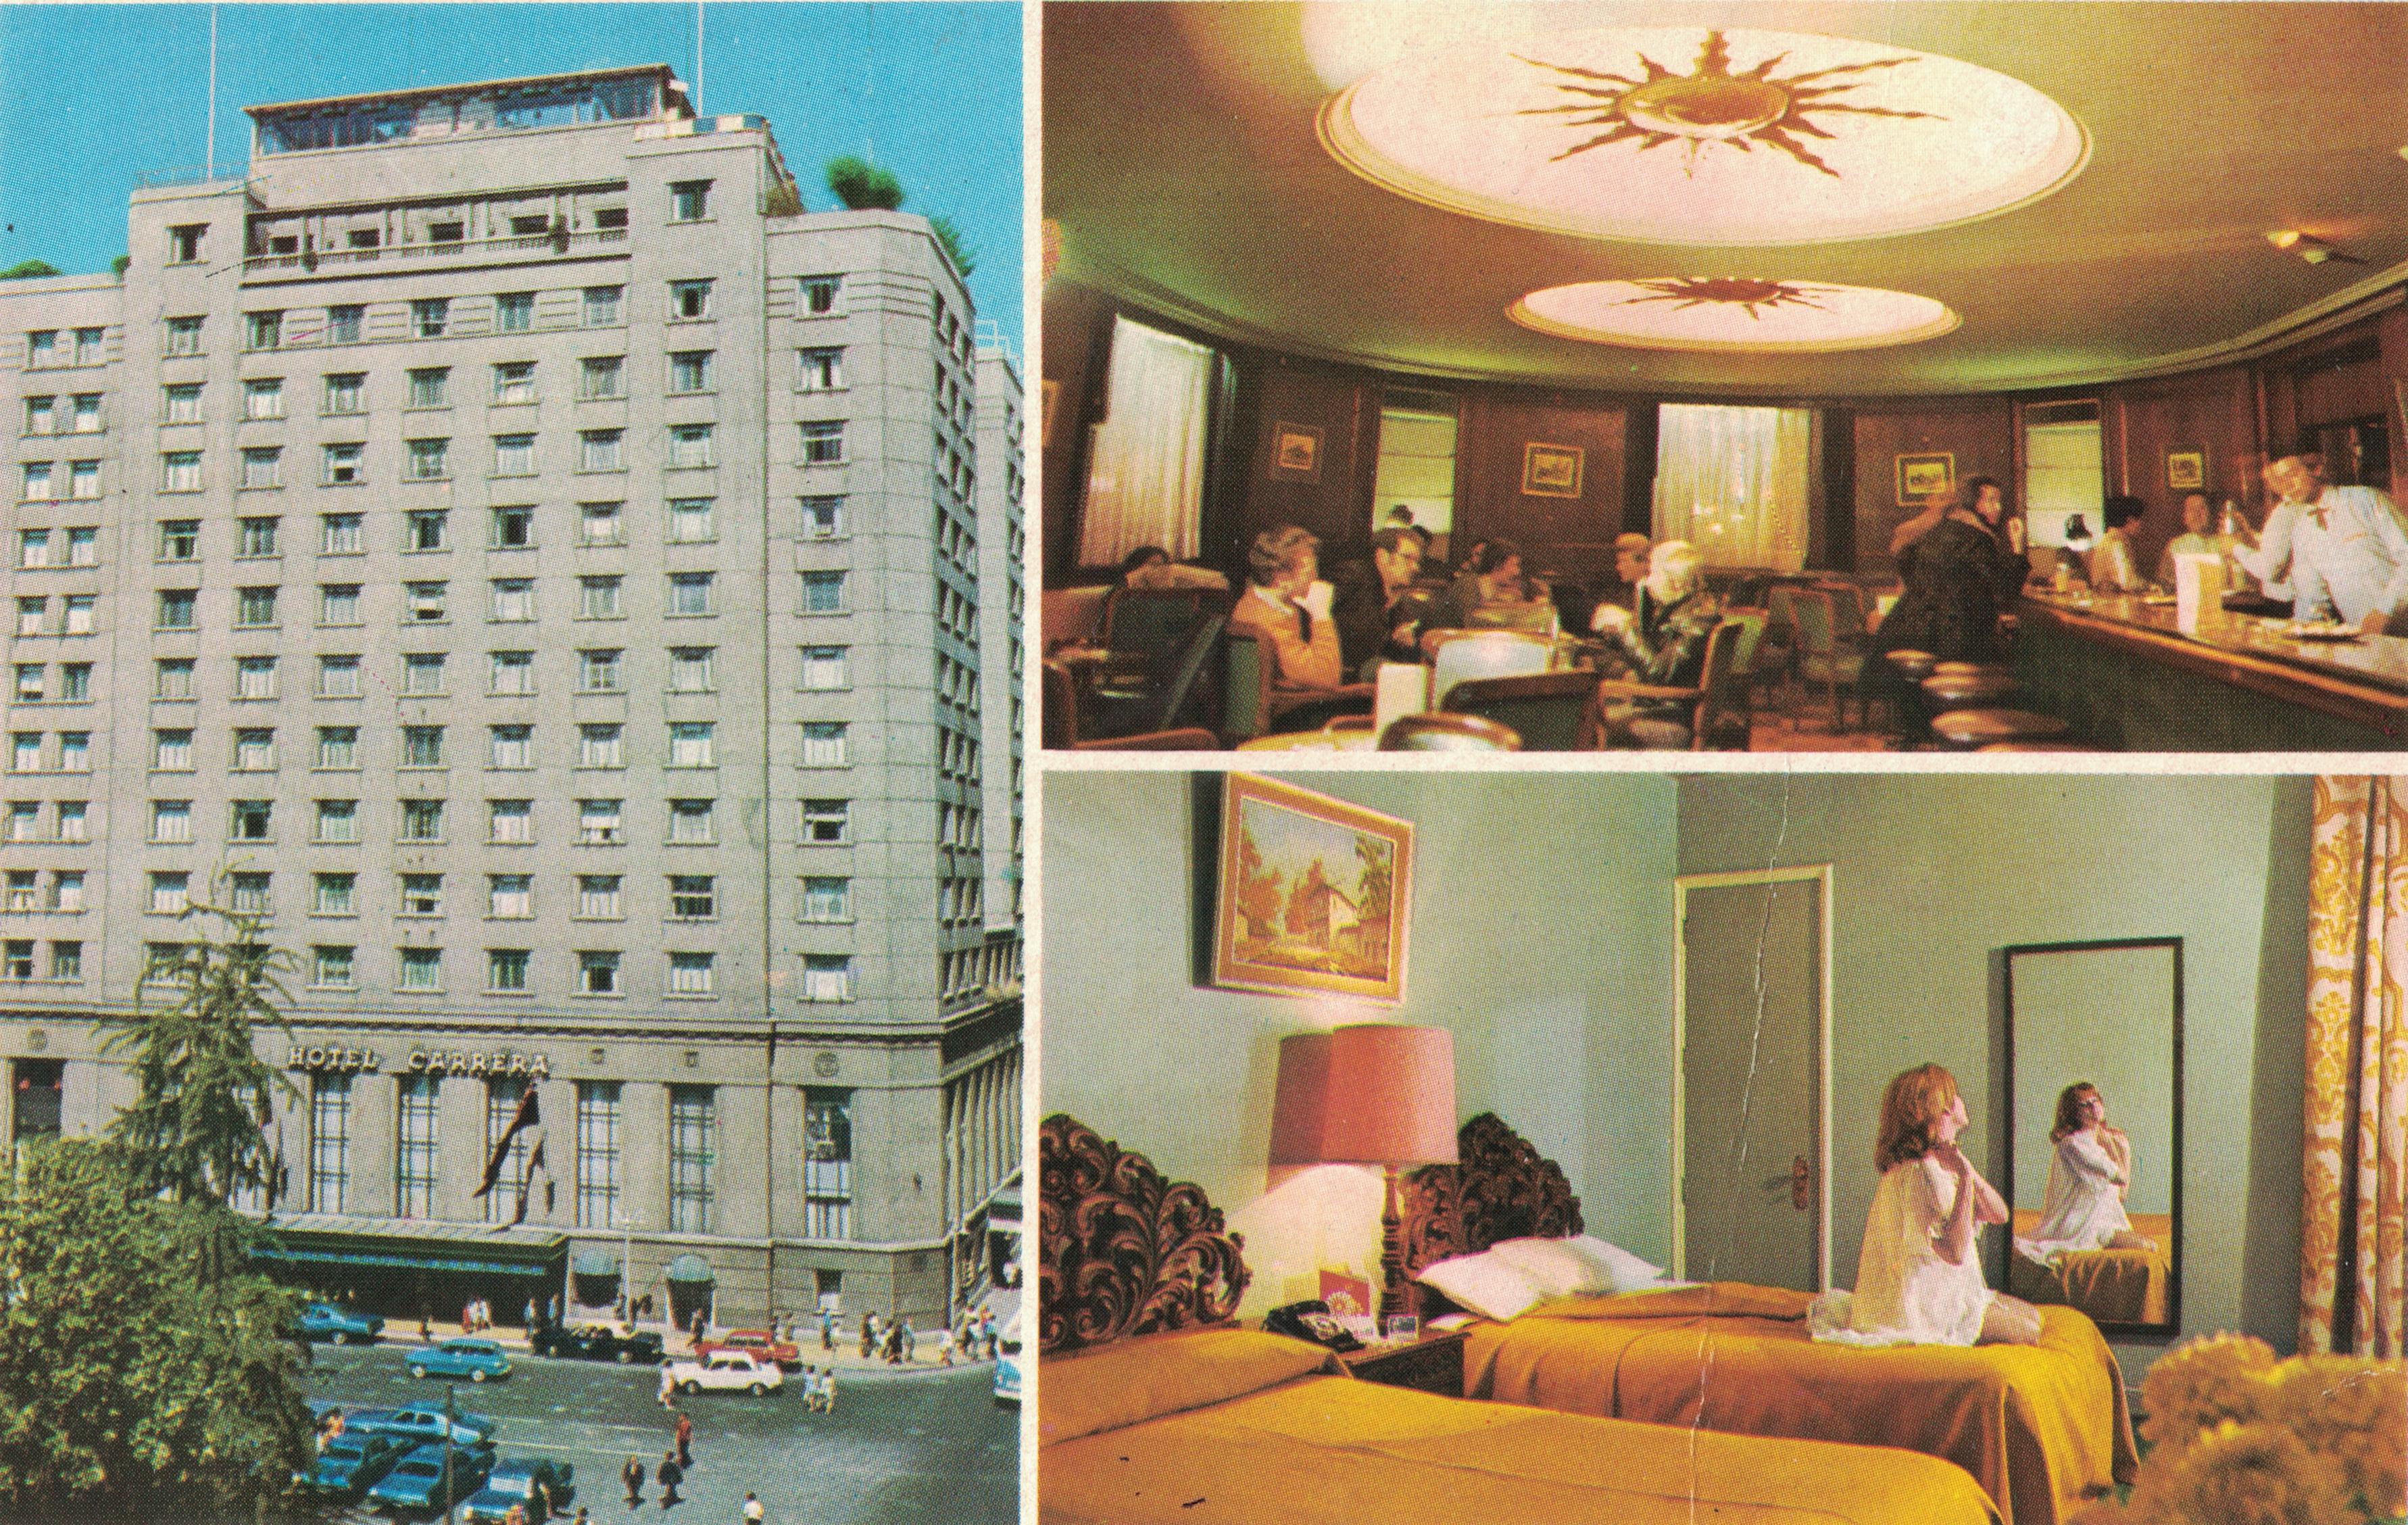 Enterreno - Fotos históricas de chile - fotos antiguas de Chile - Hotel Carrera pieza y bar El Dorado,  1976